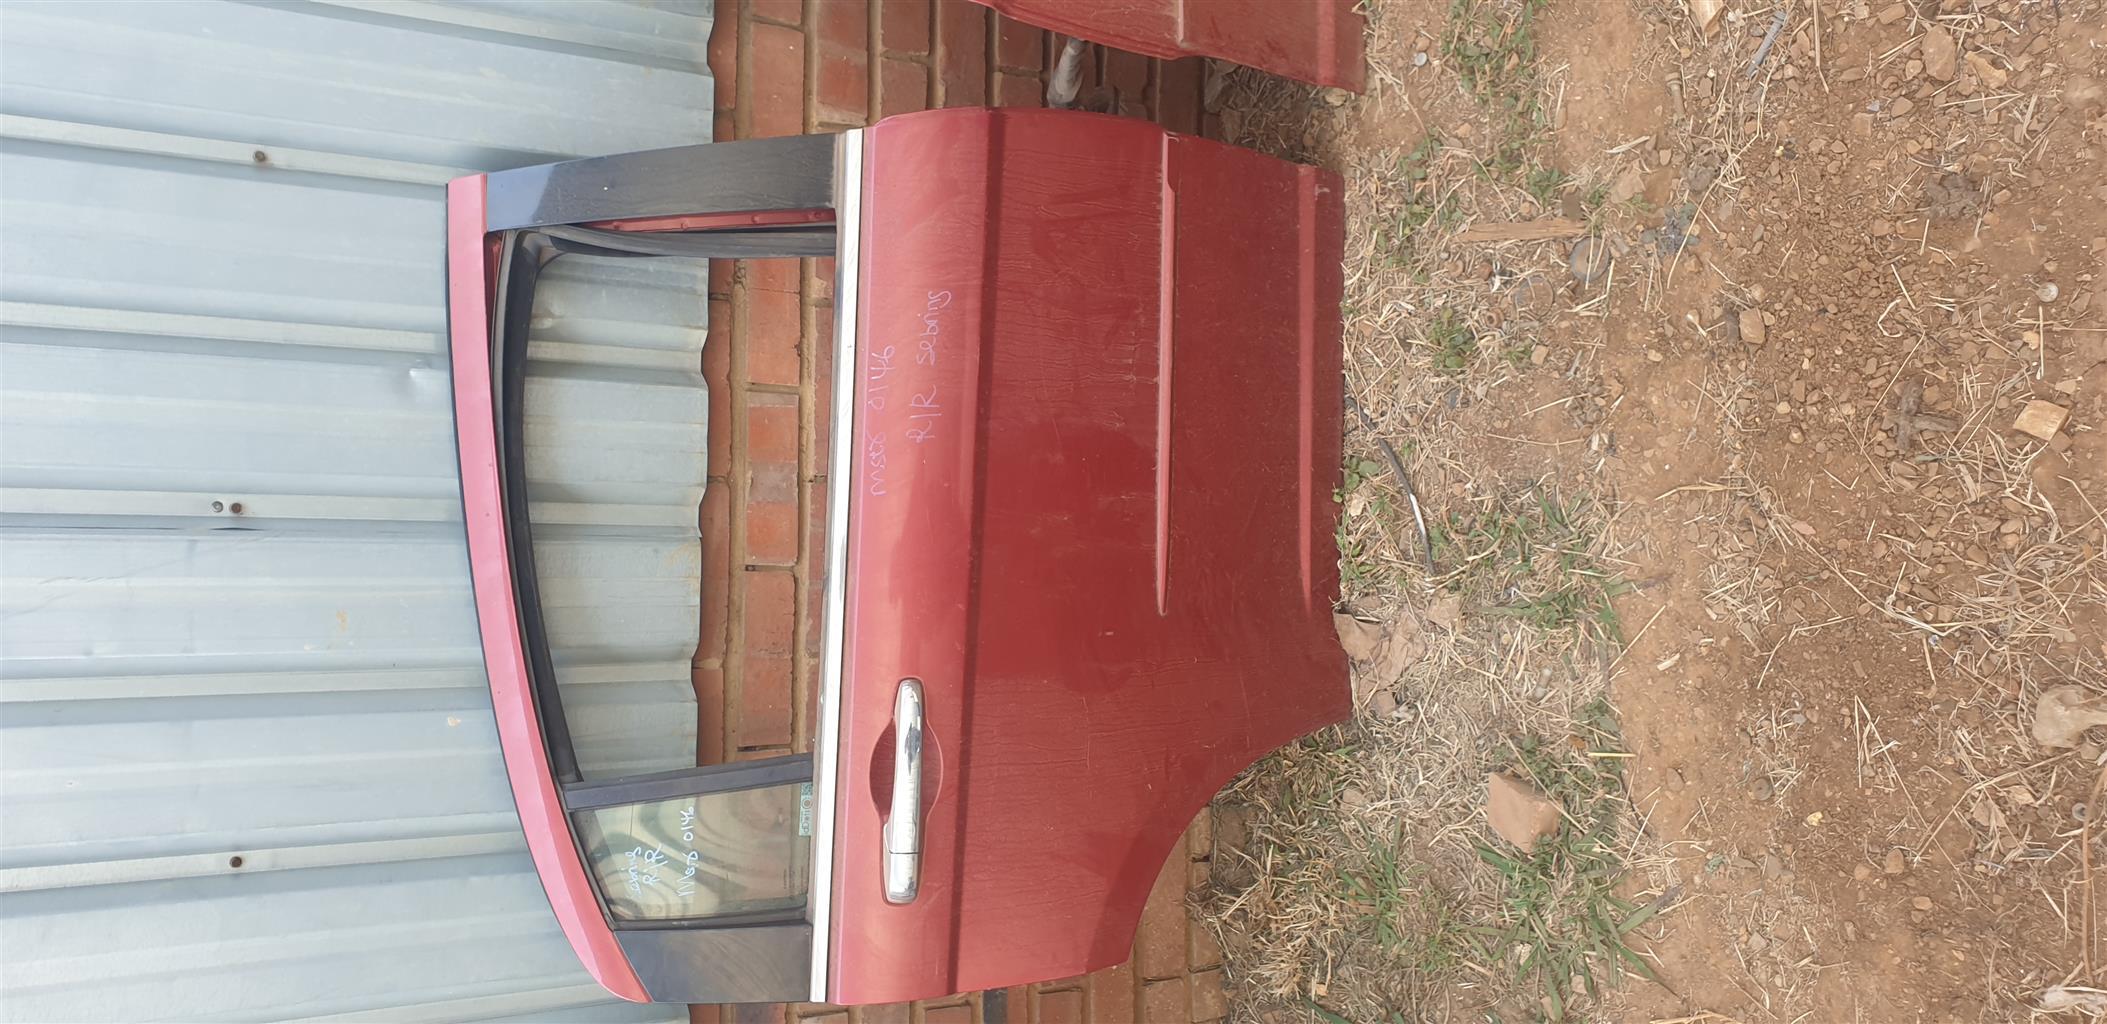 Chrysler Sebring Rear doors